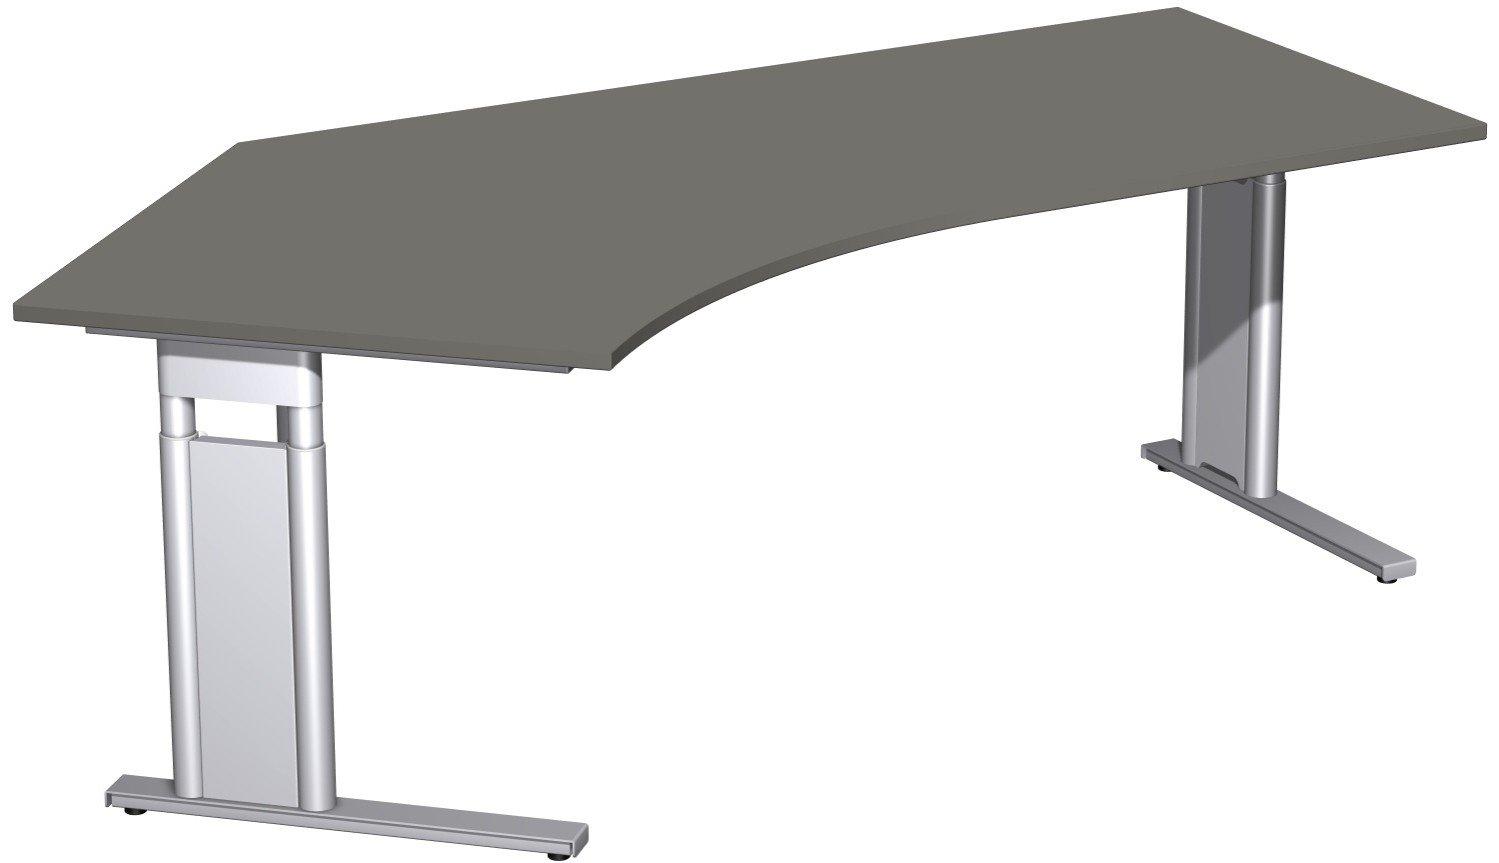 Geramöbel Schreibtisch 135° links höhenverstellbar, C Fuß Blende optional, 2166x1130x680-820, Graphit/Silber